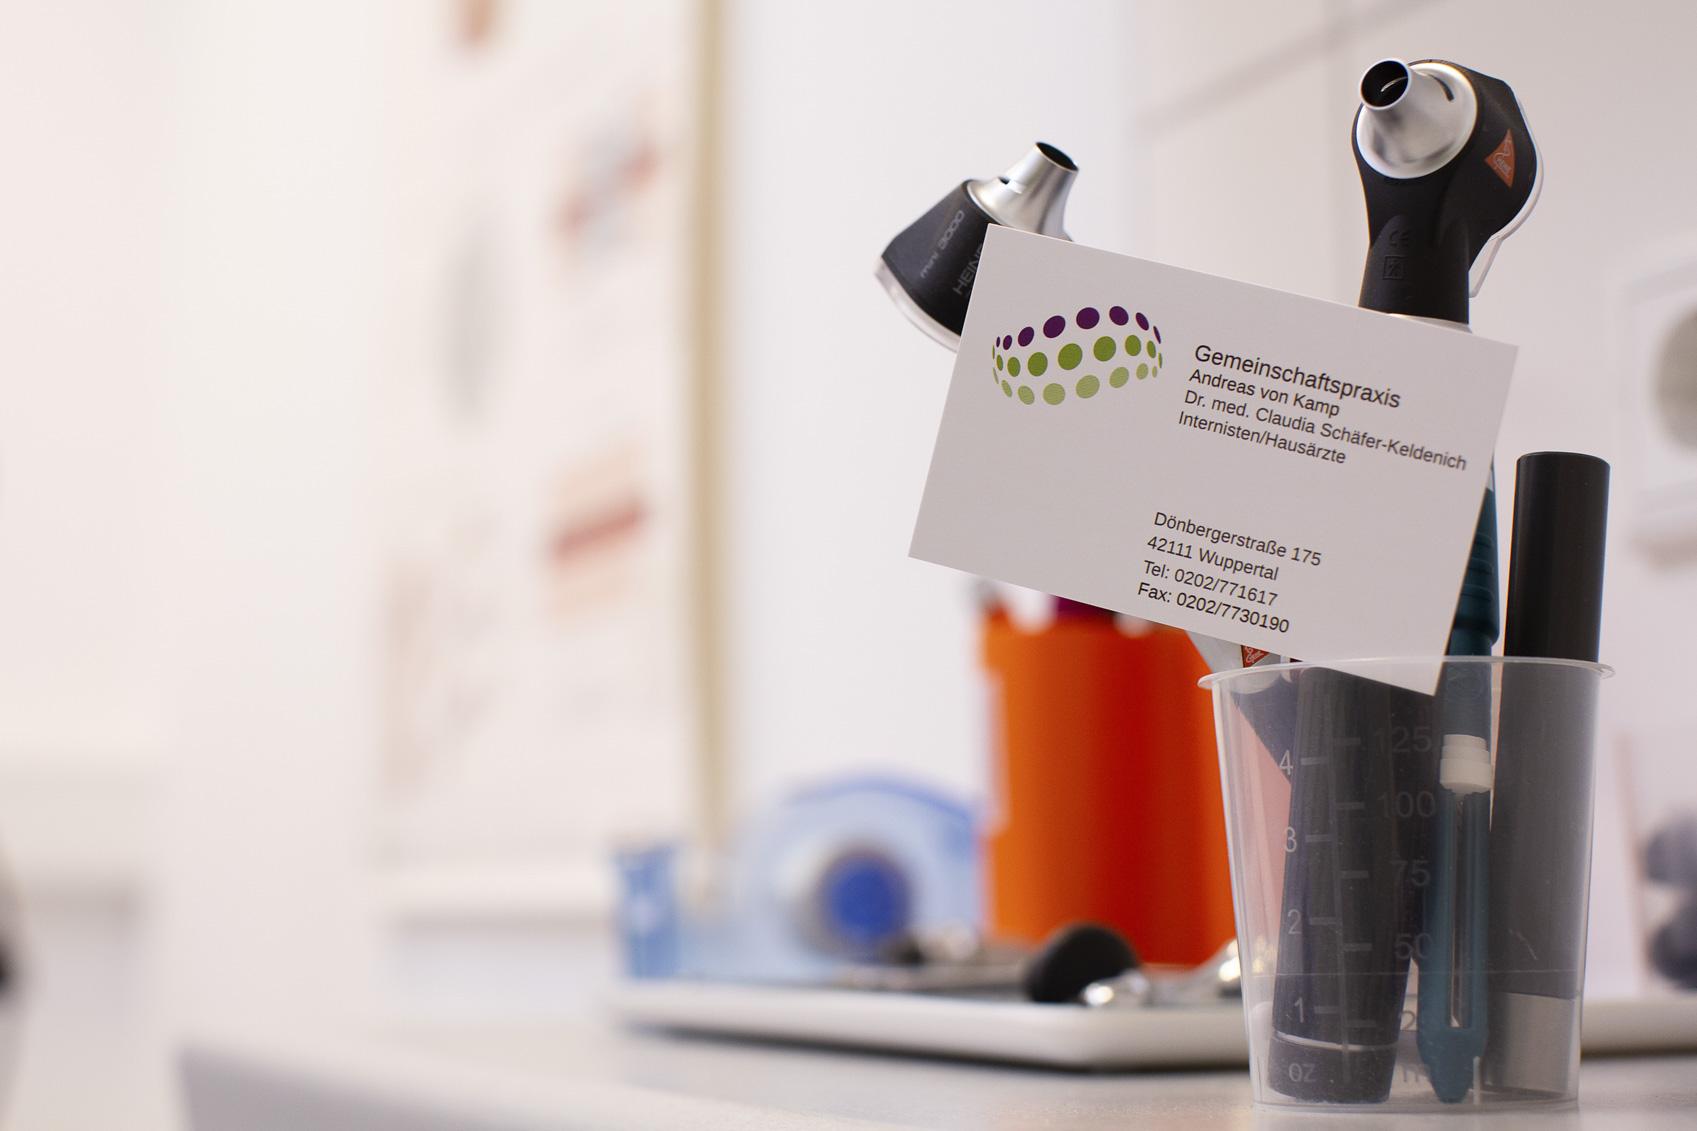 Imagefotos für die Gemeinschaftspraxis A. von Kamp & Dr. med. C. Schäfer-Keldenich, Wuppertal